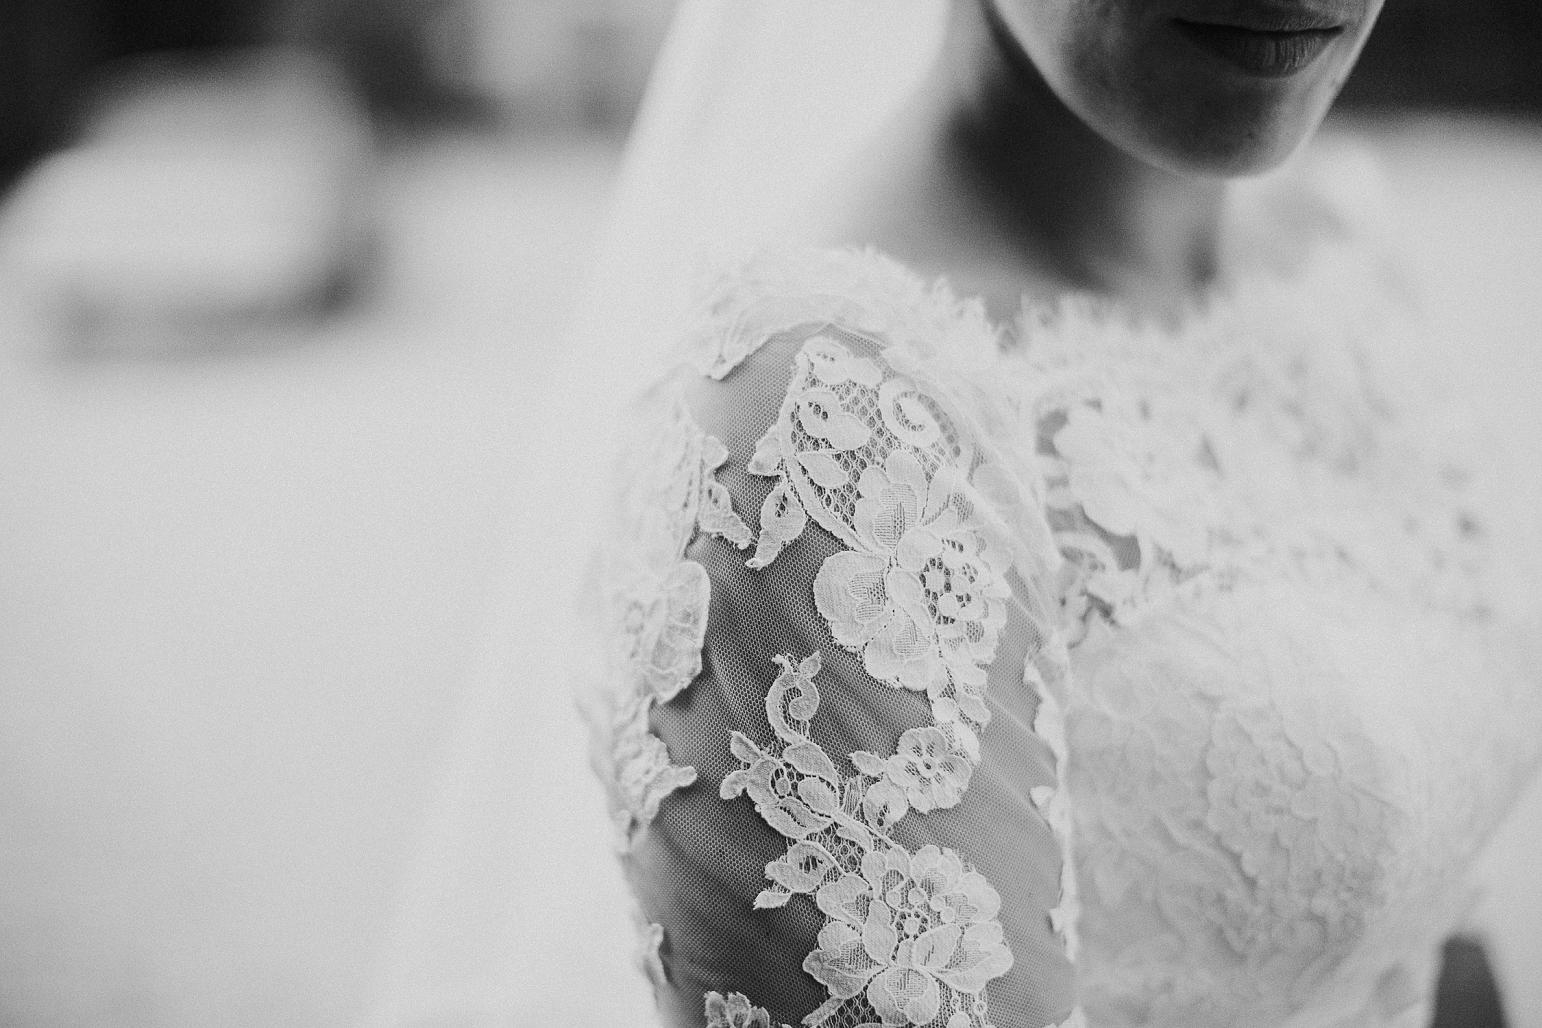 kateryna-photos-mariage-wedding-france-bretagne-pays-de-la-loire-chateau-de-la-colaissiere-st-sauveur-de-landemont_0080.jpg